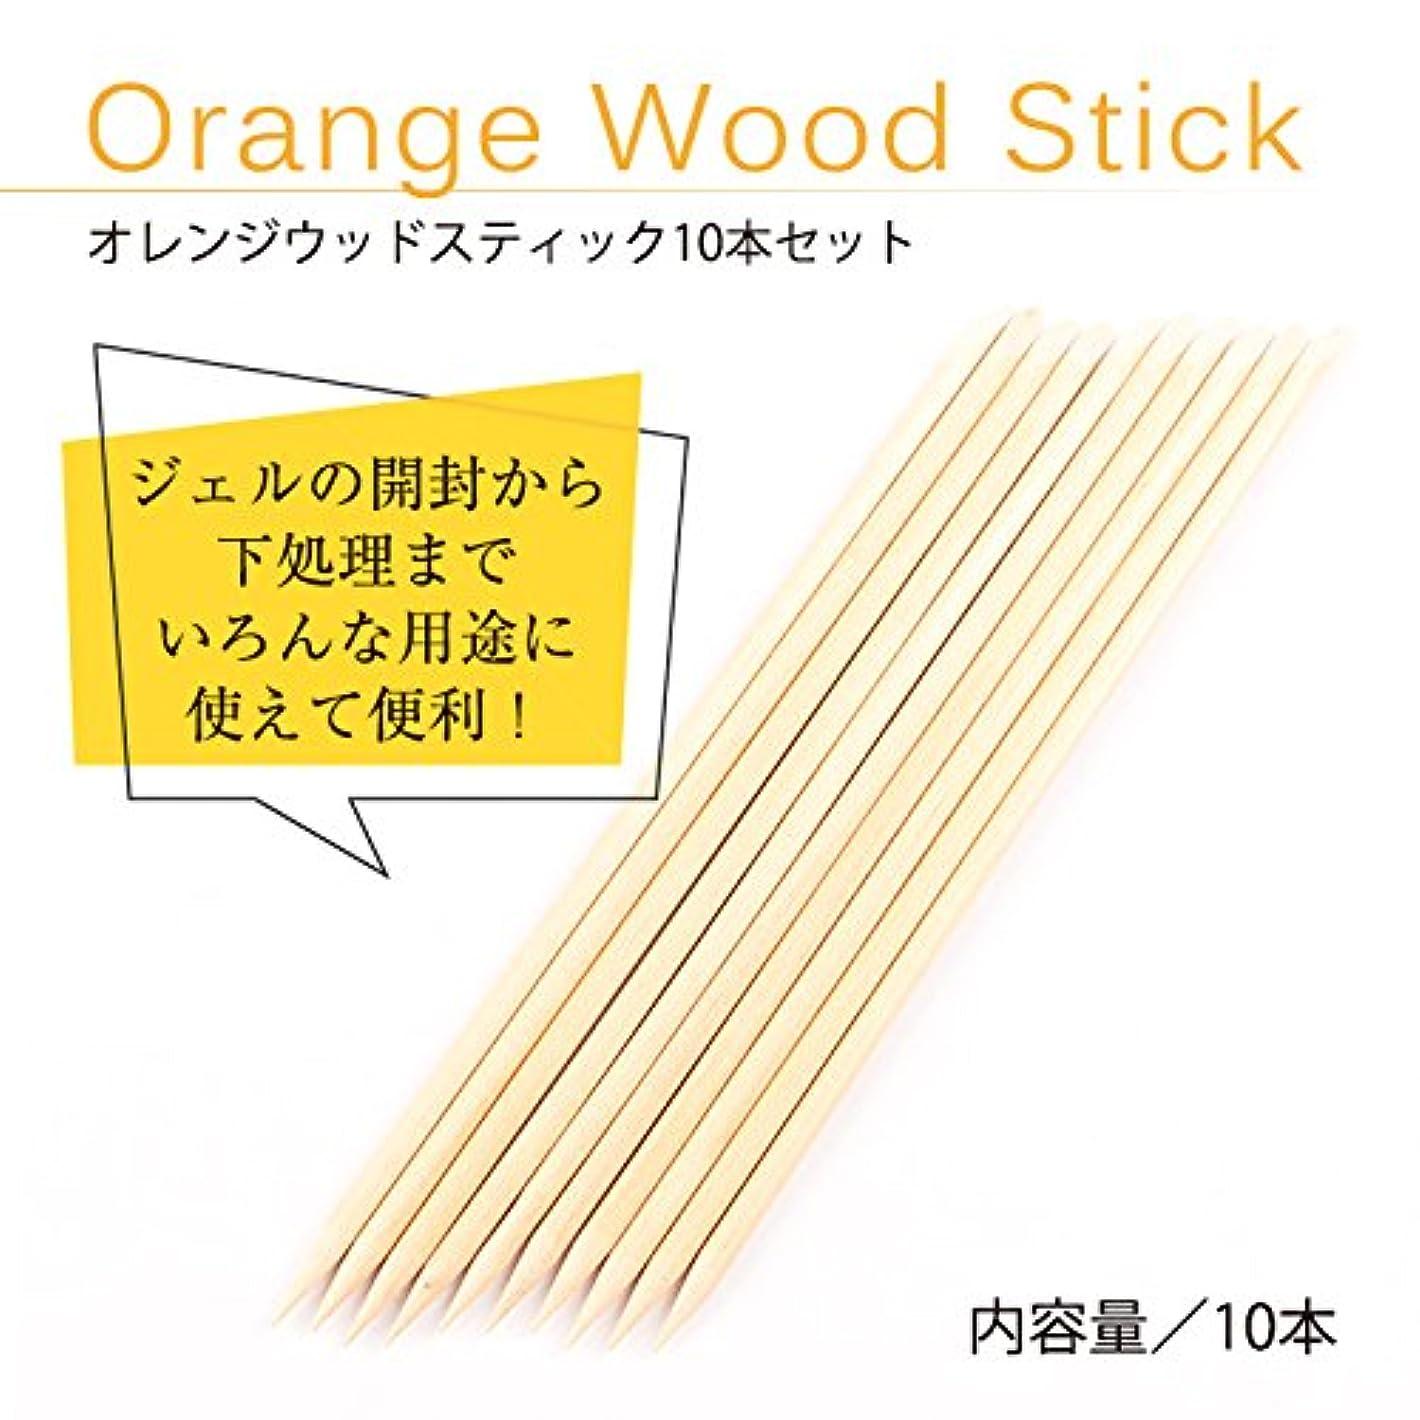 オレンジ ウッドスティック 10本セット ジェルネイル